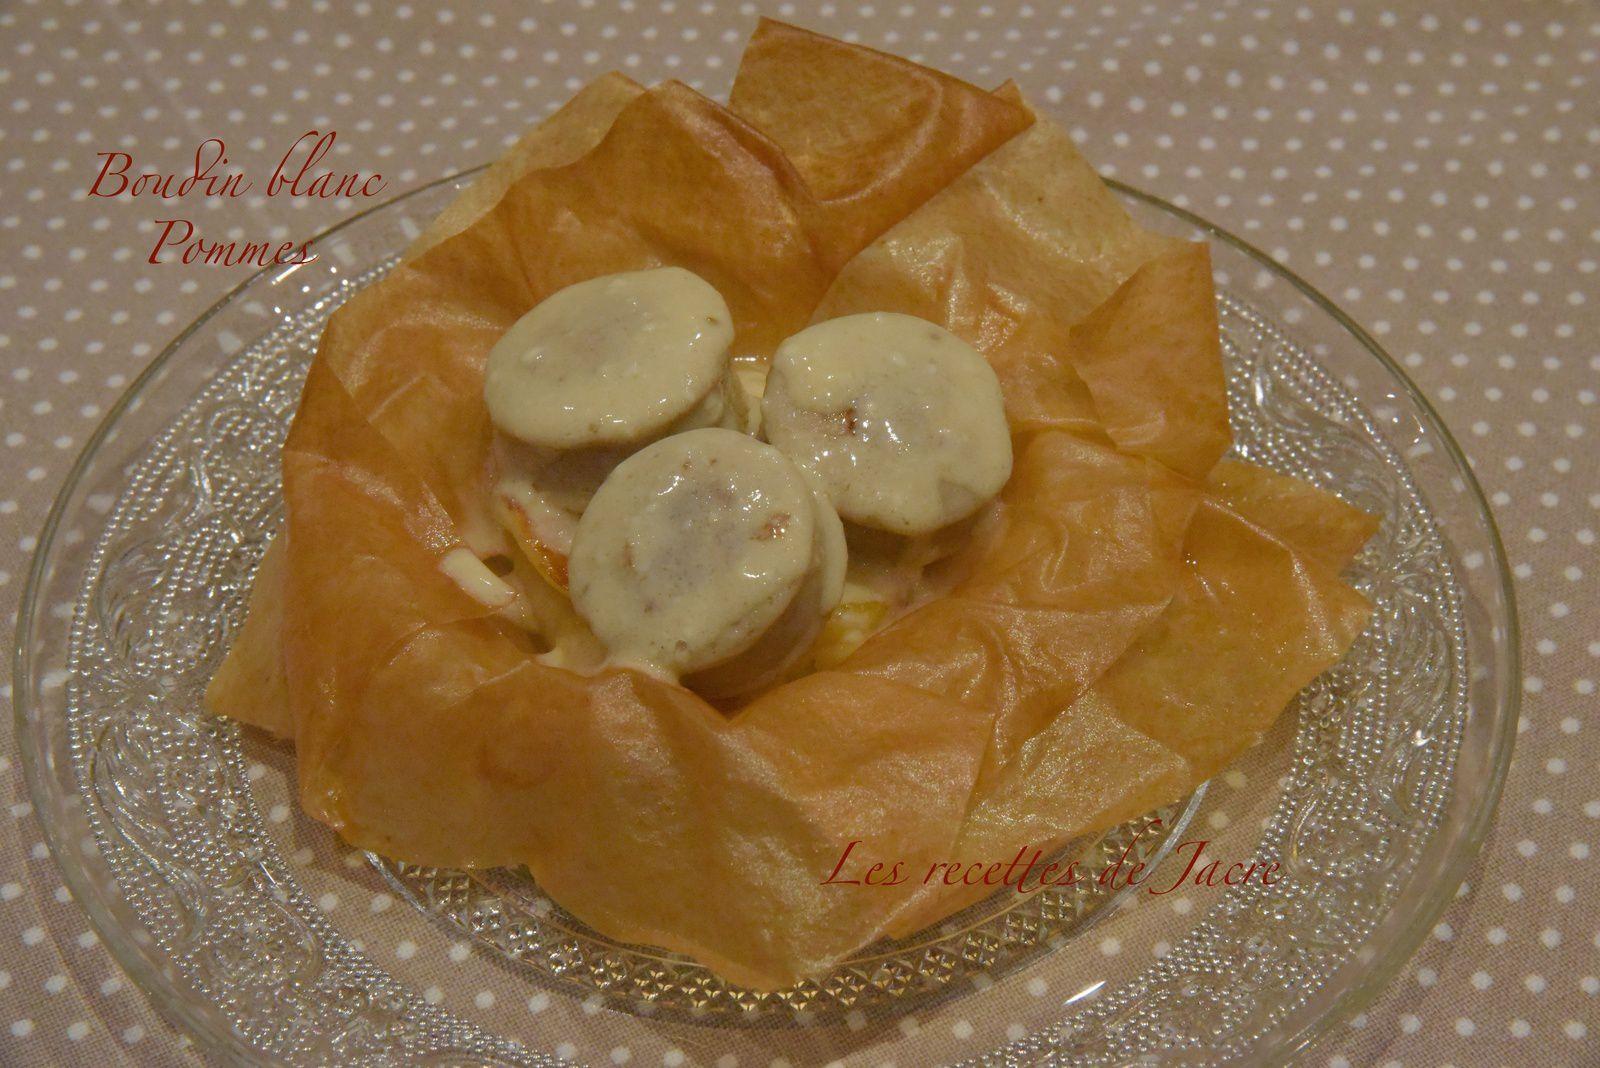 Boudin blanc et pommes en corolle de filo